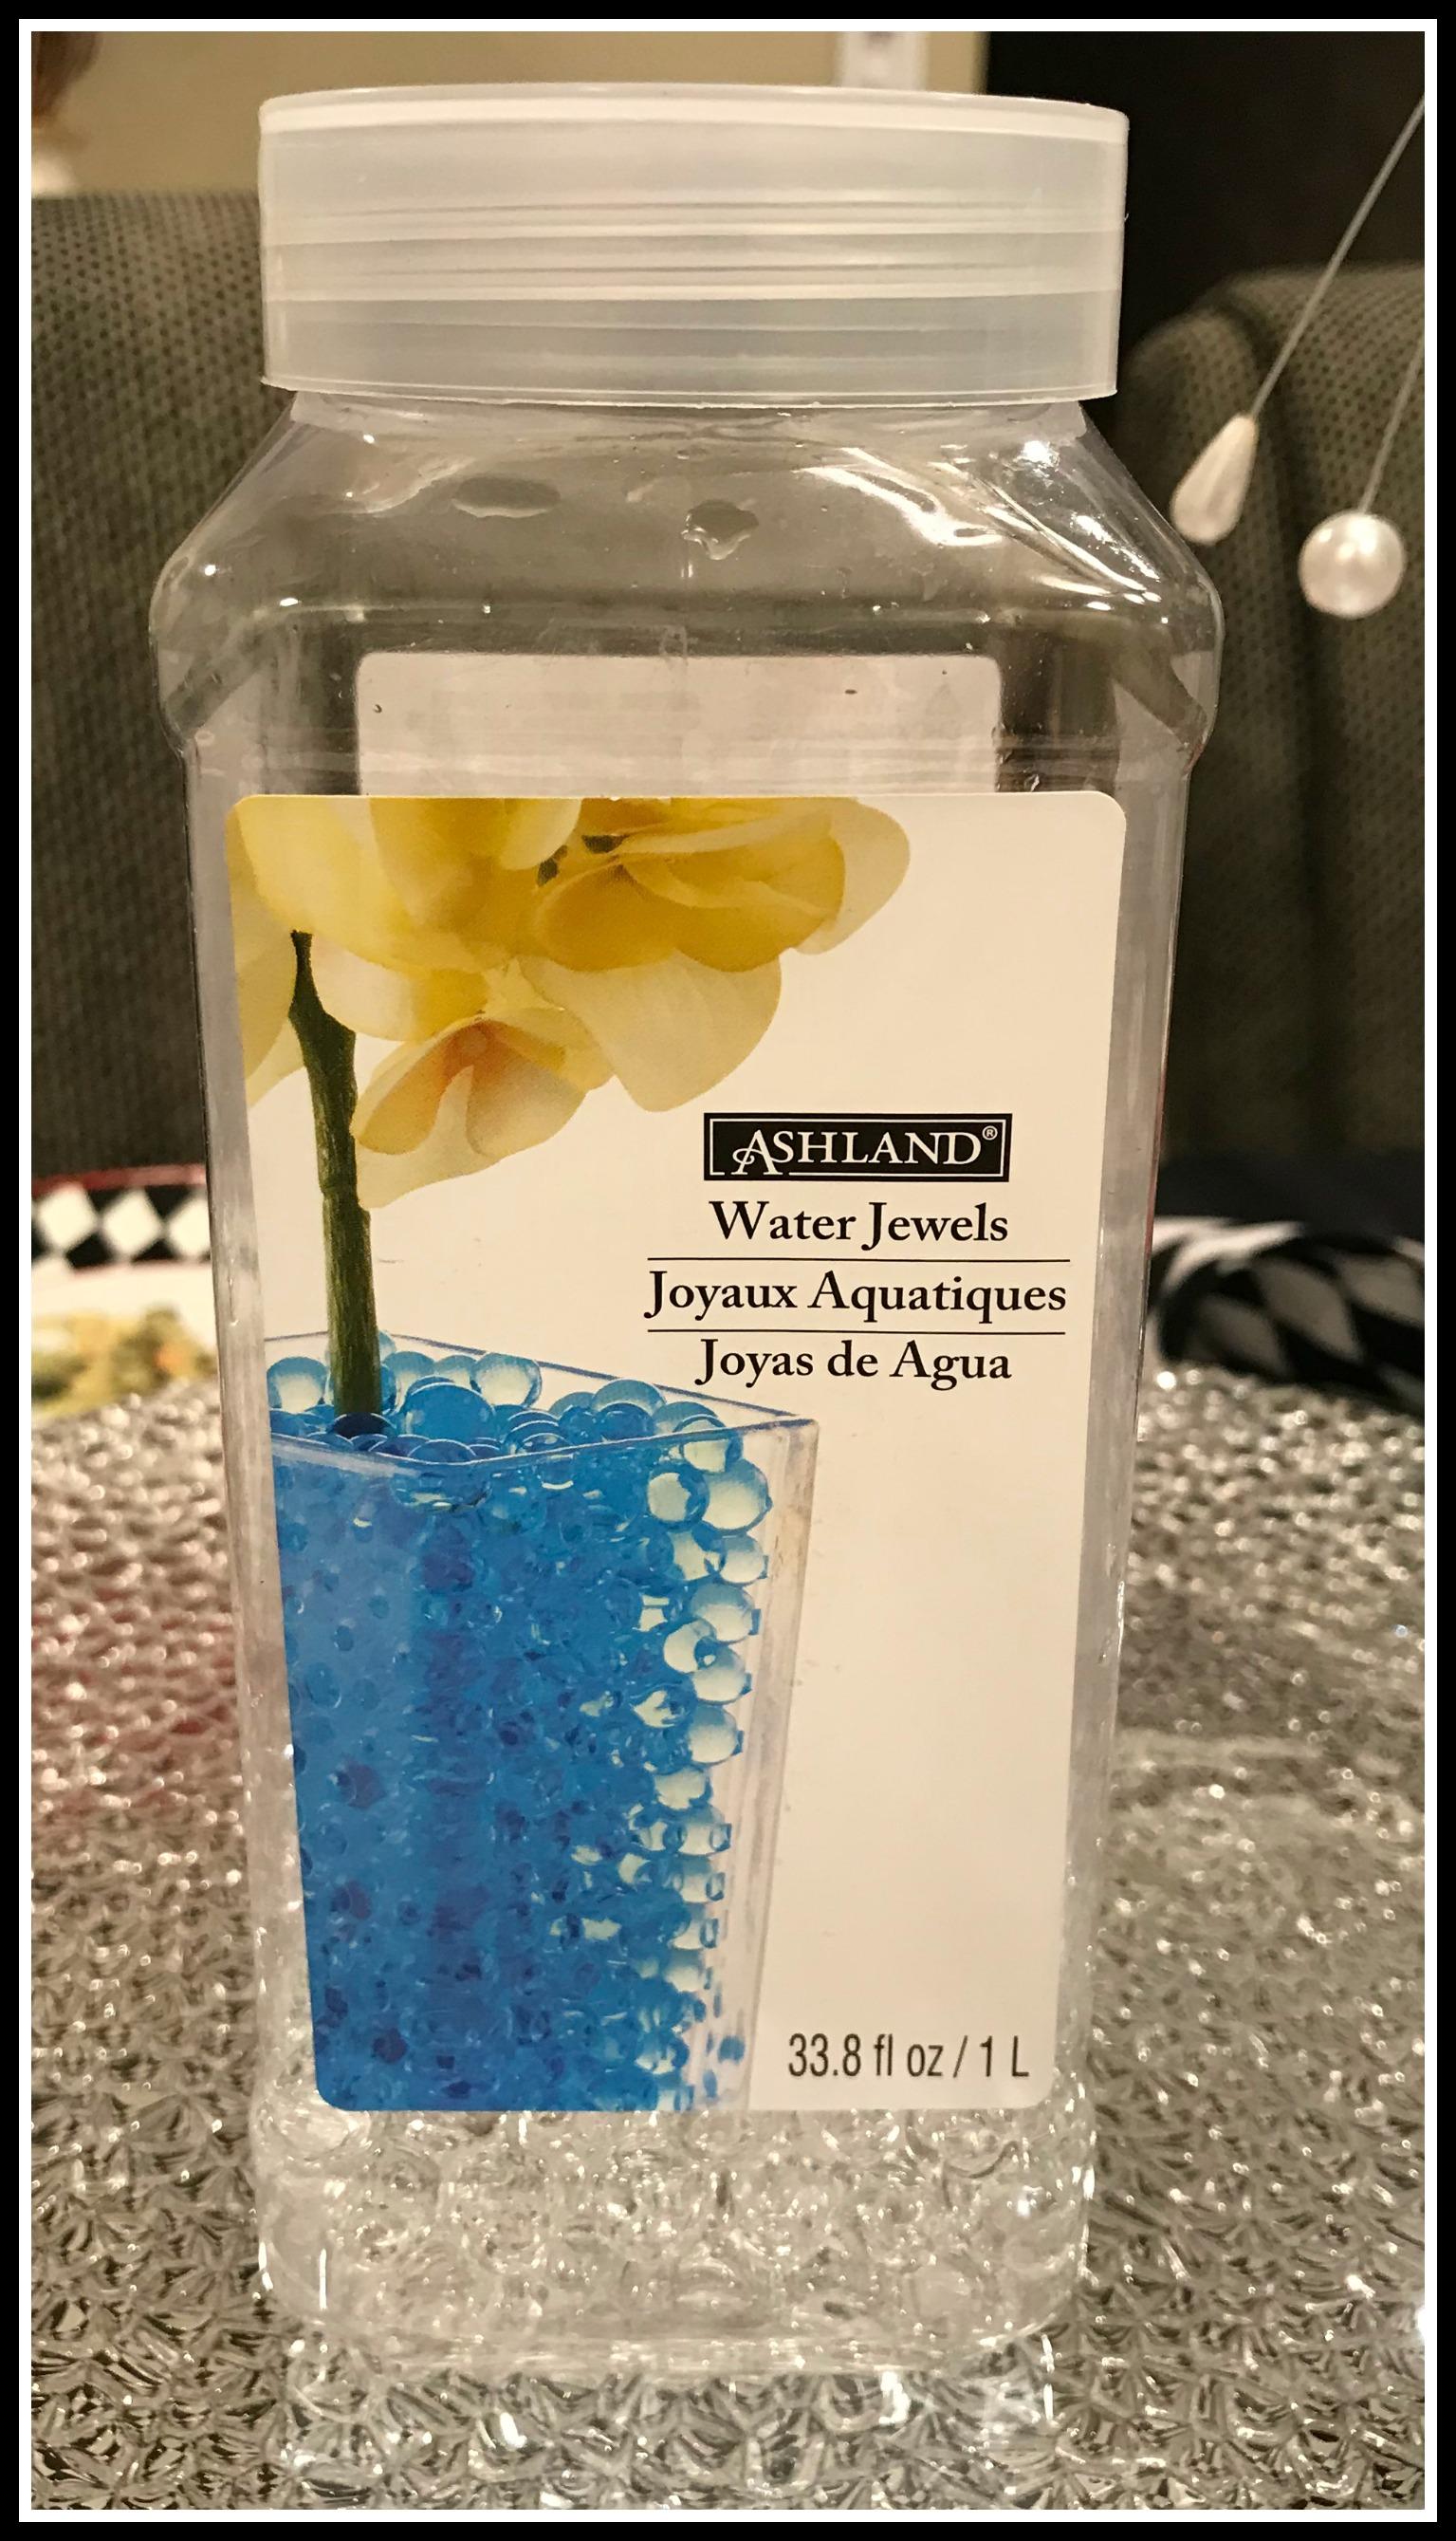 photo jan 25, 11 33 26 pm (1) water jewels